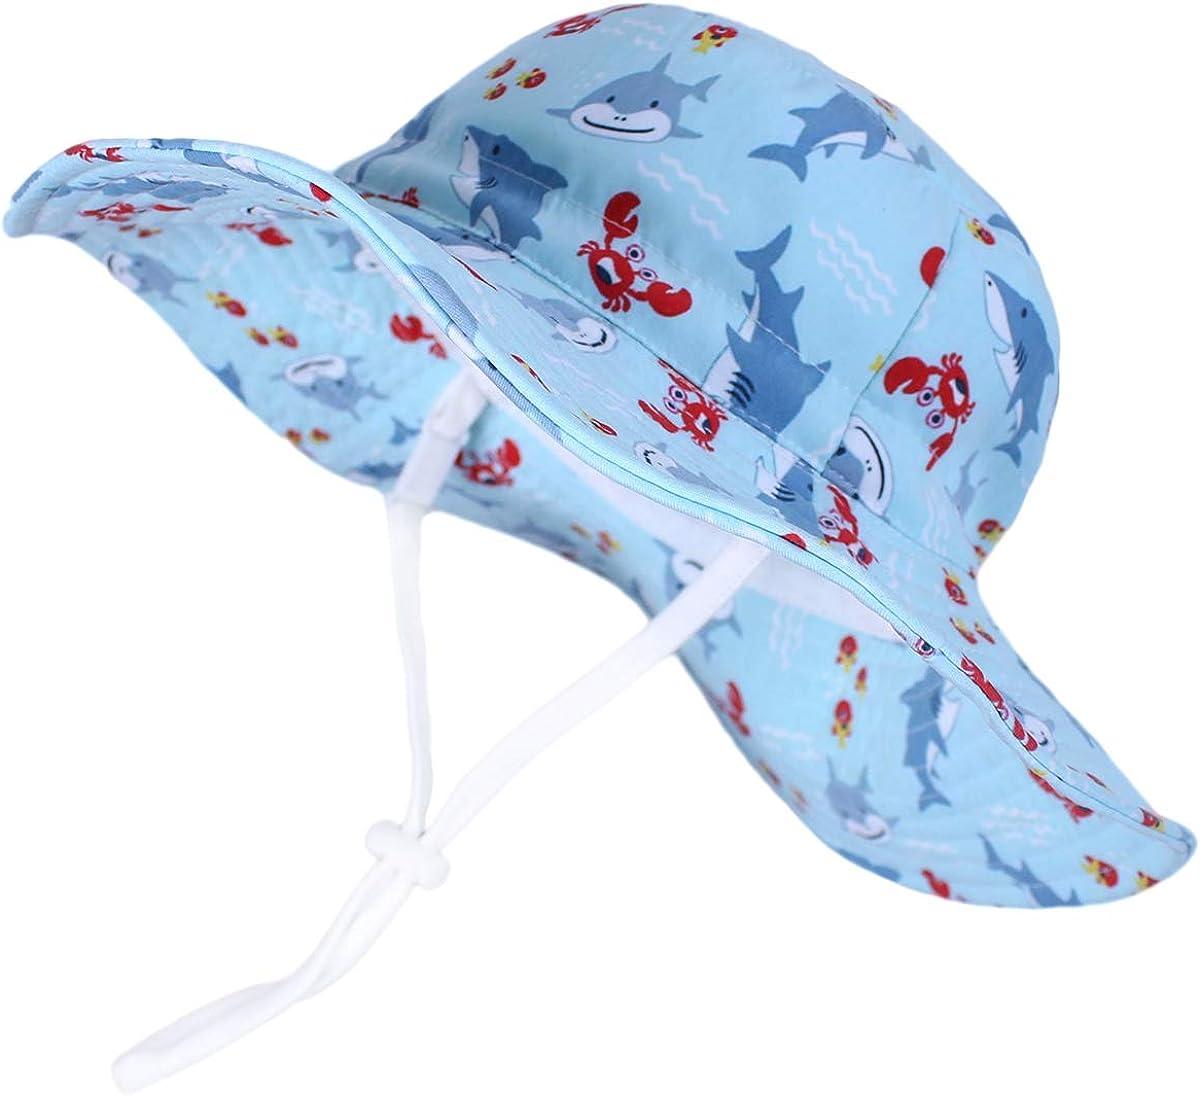 LLmoway Baby Kid Sun Protection Hat Wide Brim Cotton Bucket Hat Boys Girls 6M-8T